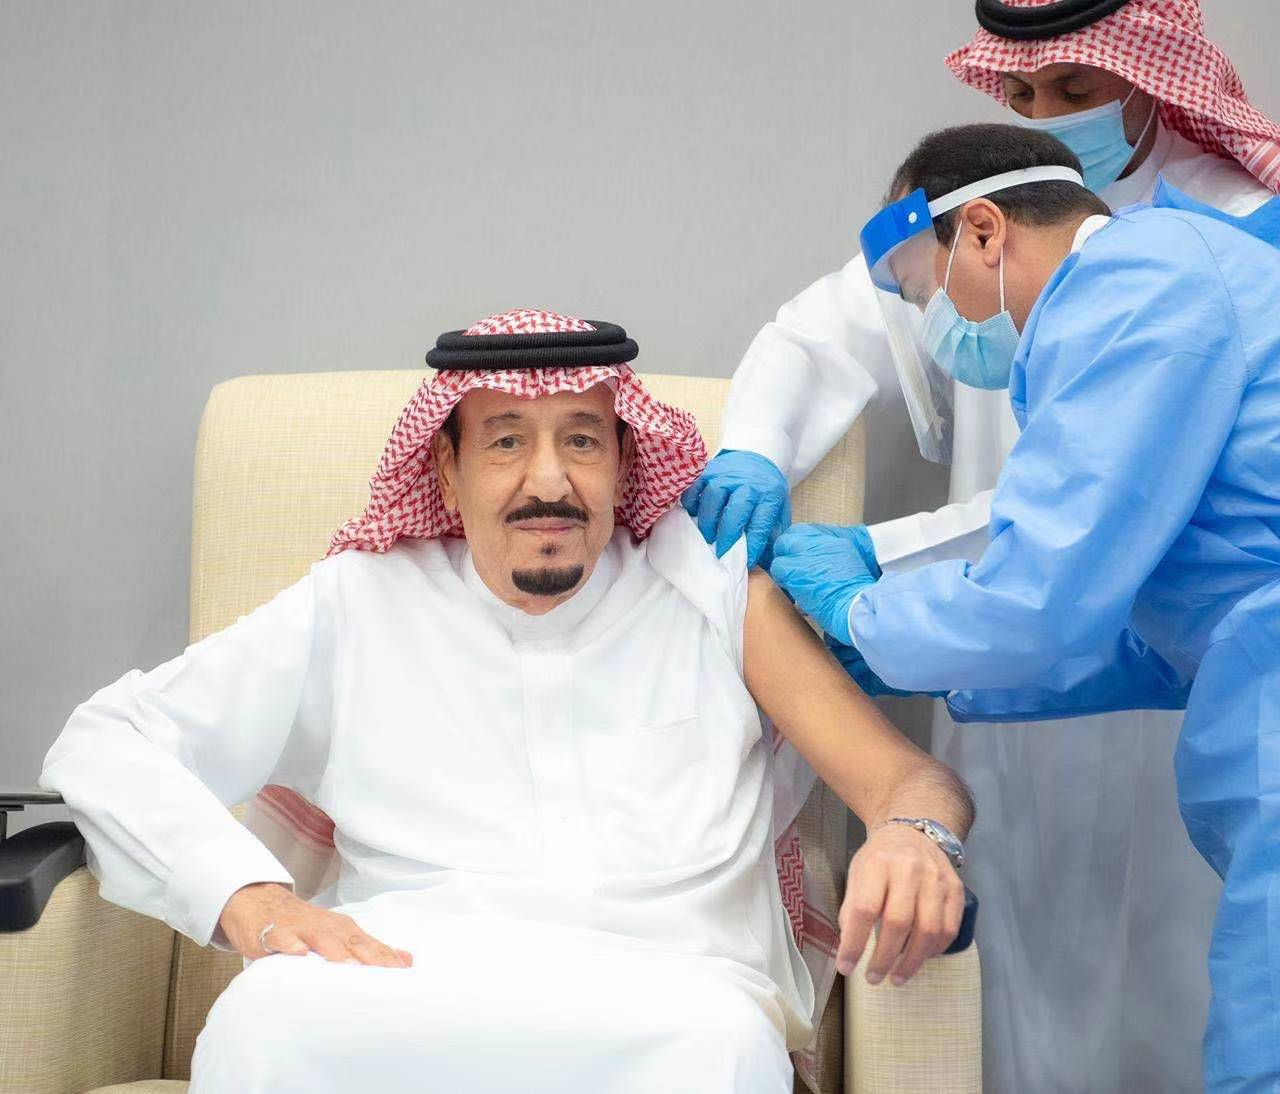 沙特国王萨勒曼接种新冠疫苗